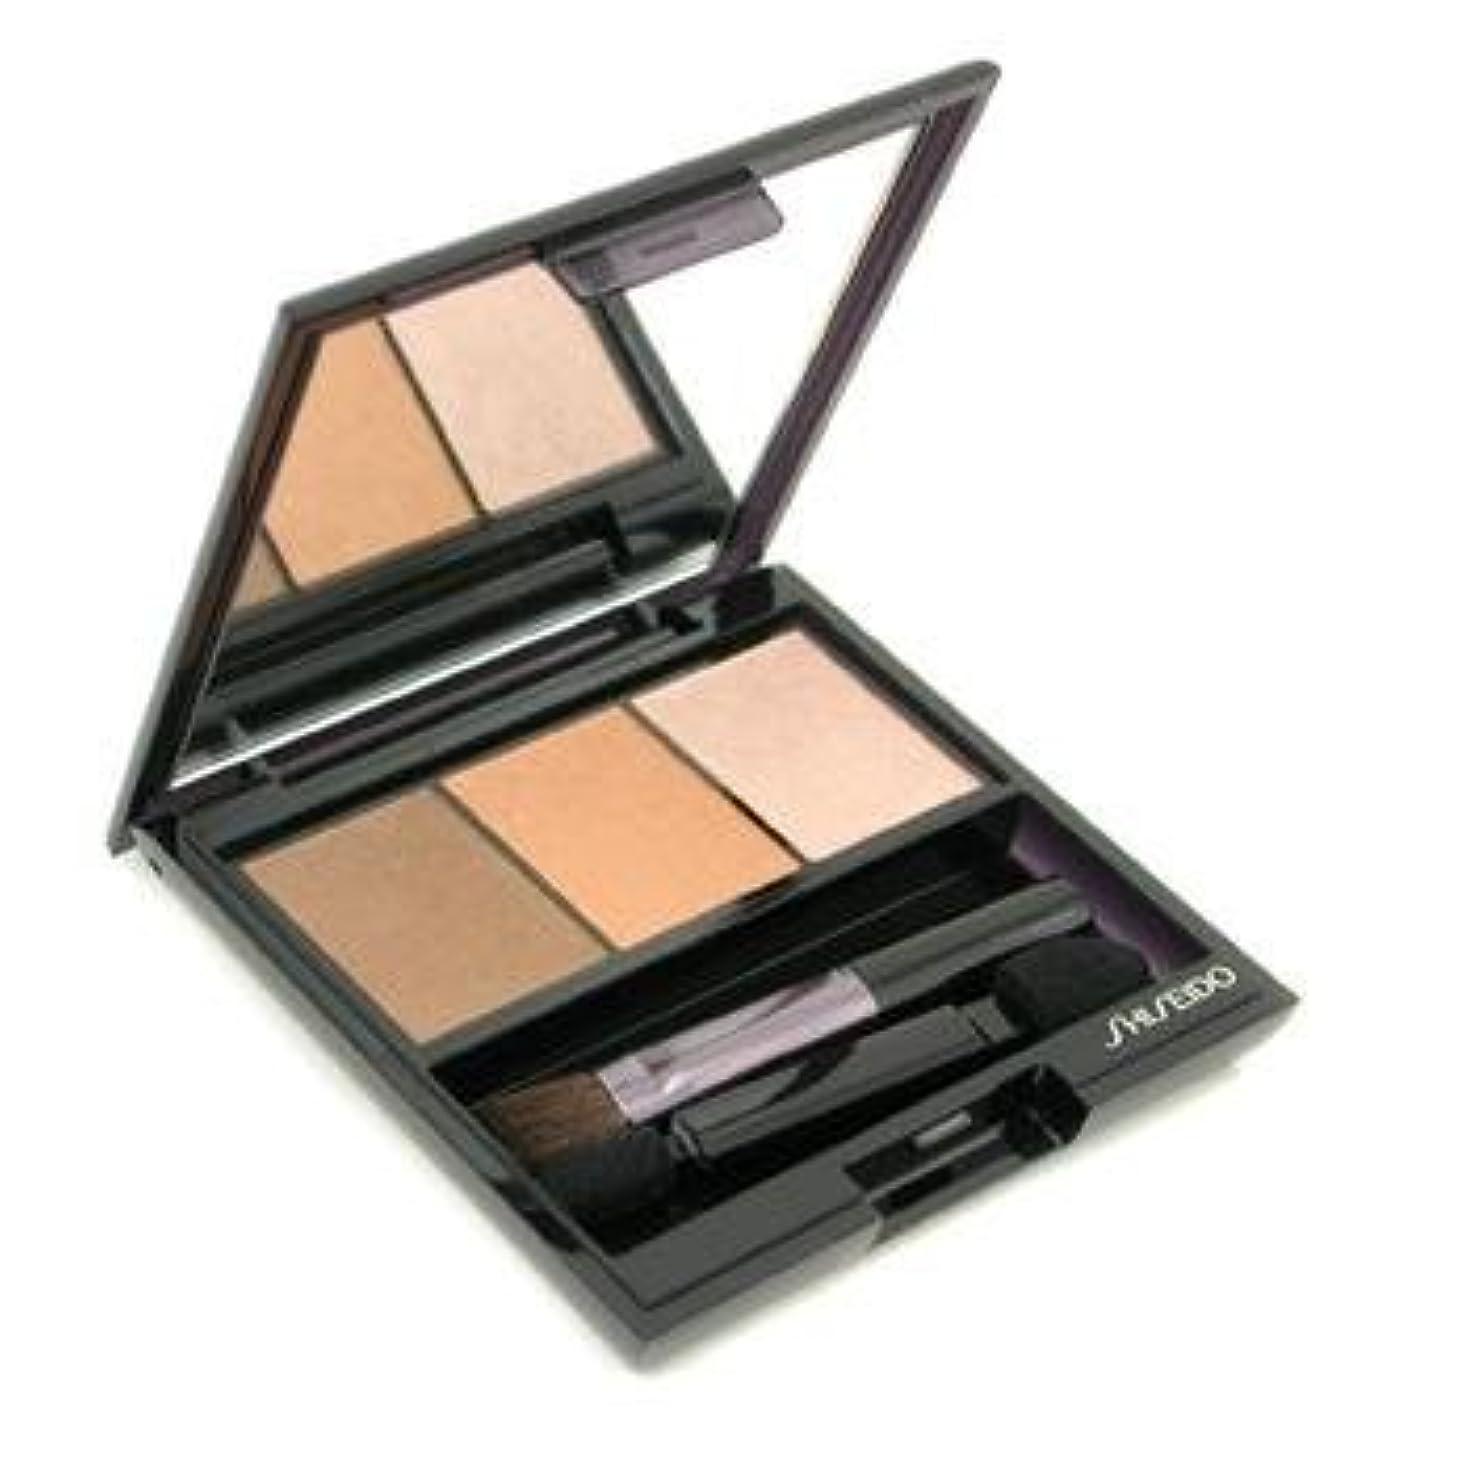 レンズ足枷病弱資生堂 ルミナイジング サテン アイカラー トリオ BR209(Shiseido Luminizing Satin Eye Color Trio BR209) [並行輸入品]